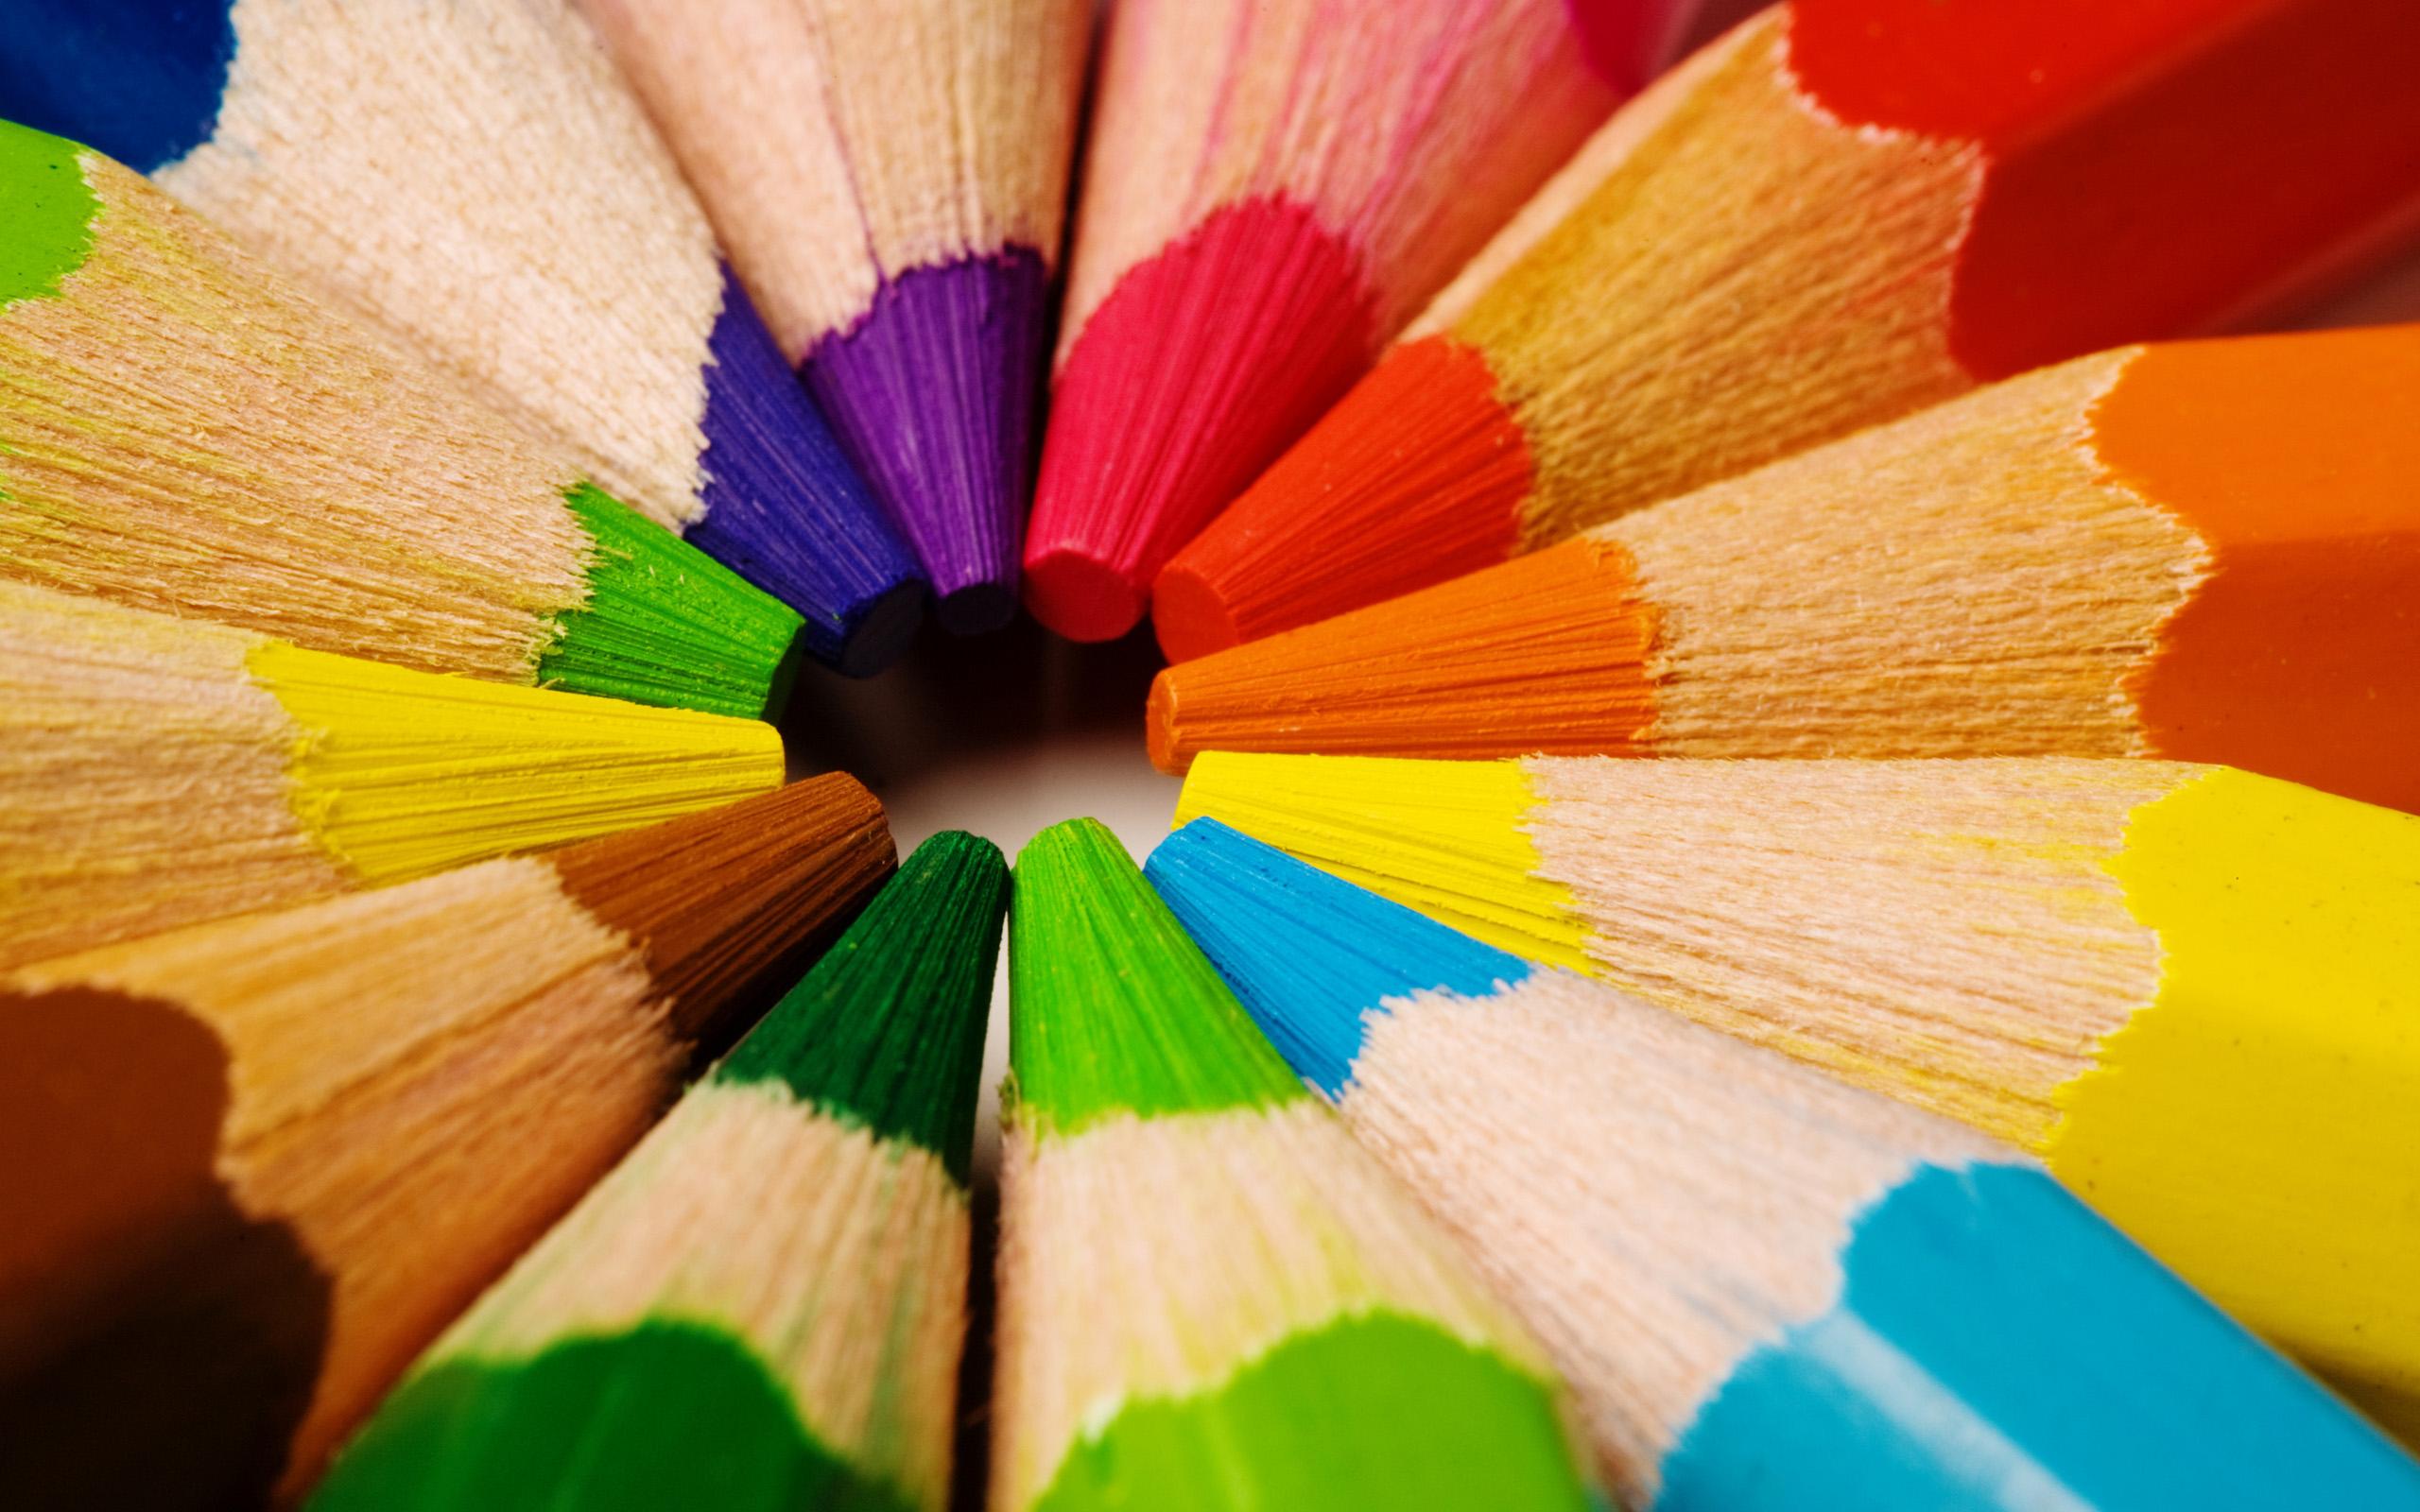 Việc sử dụng nhiều màu sắc sẽ khiến cho việc học từ vựng tiếng Anh bằng hình ảnh không còn nhàm chán